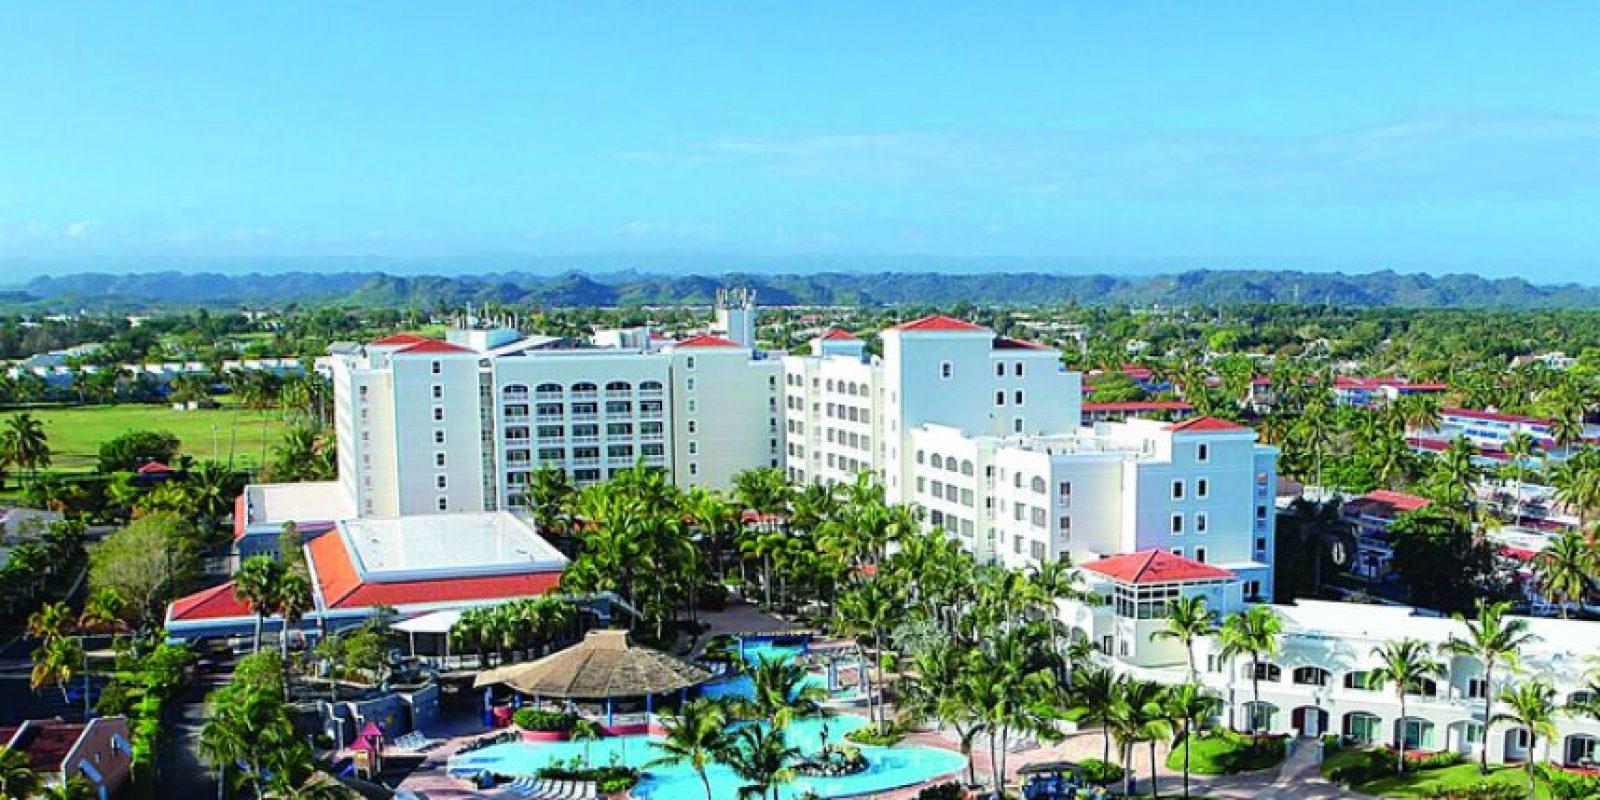 El Embassy Suites de Dorado está ubicado en la playa de Dorado del Mar. Foto:suministrada. Imagen Por: